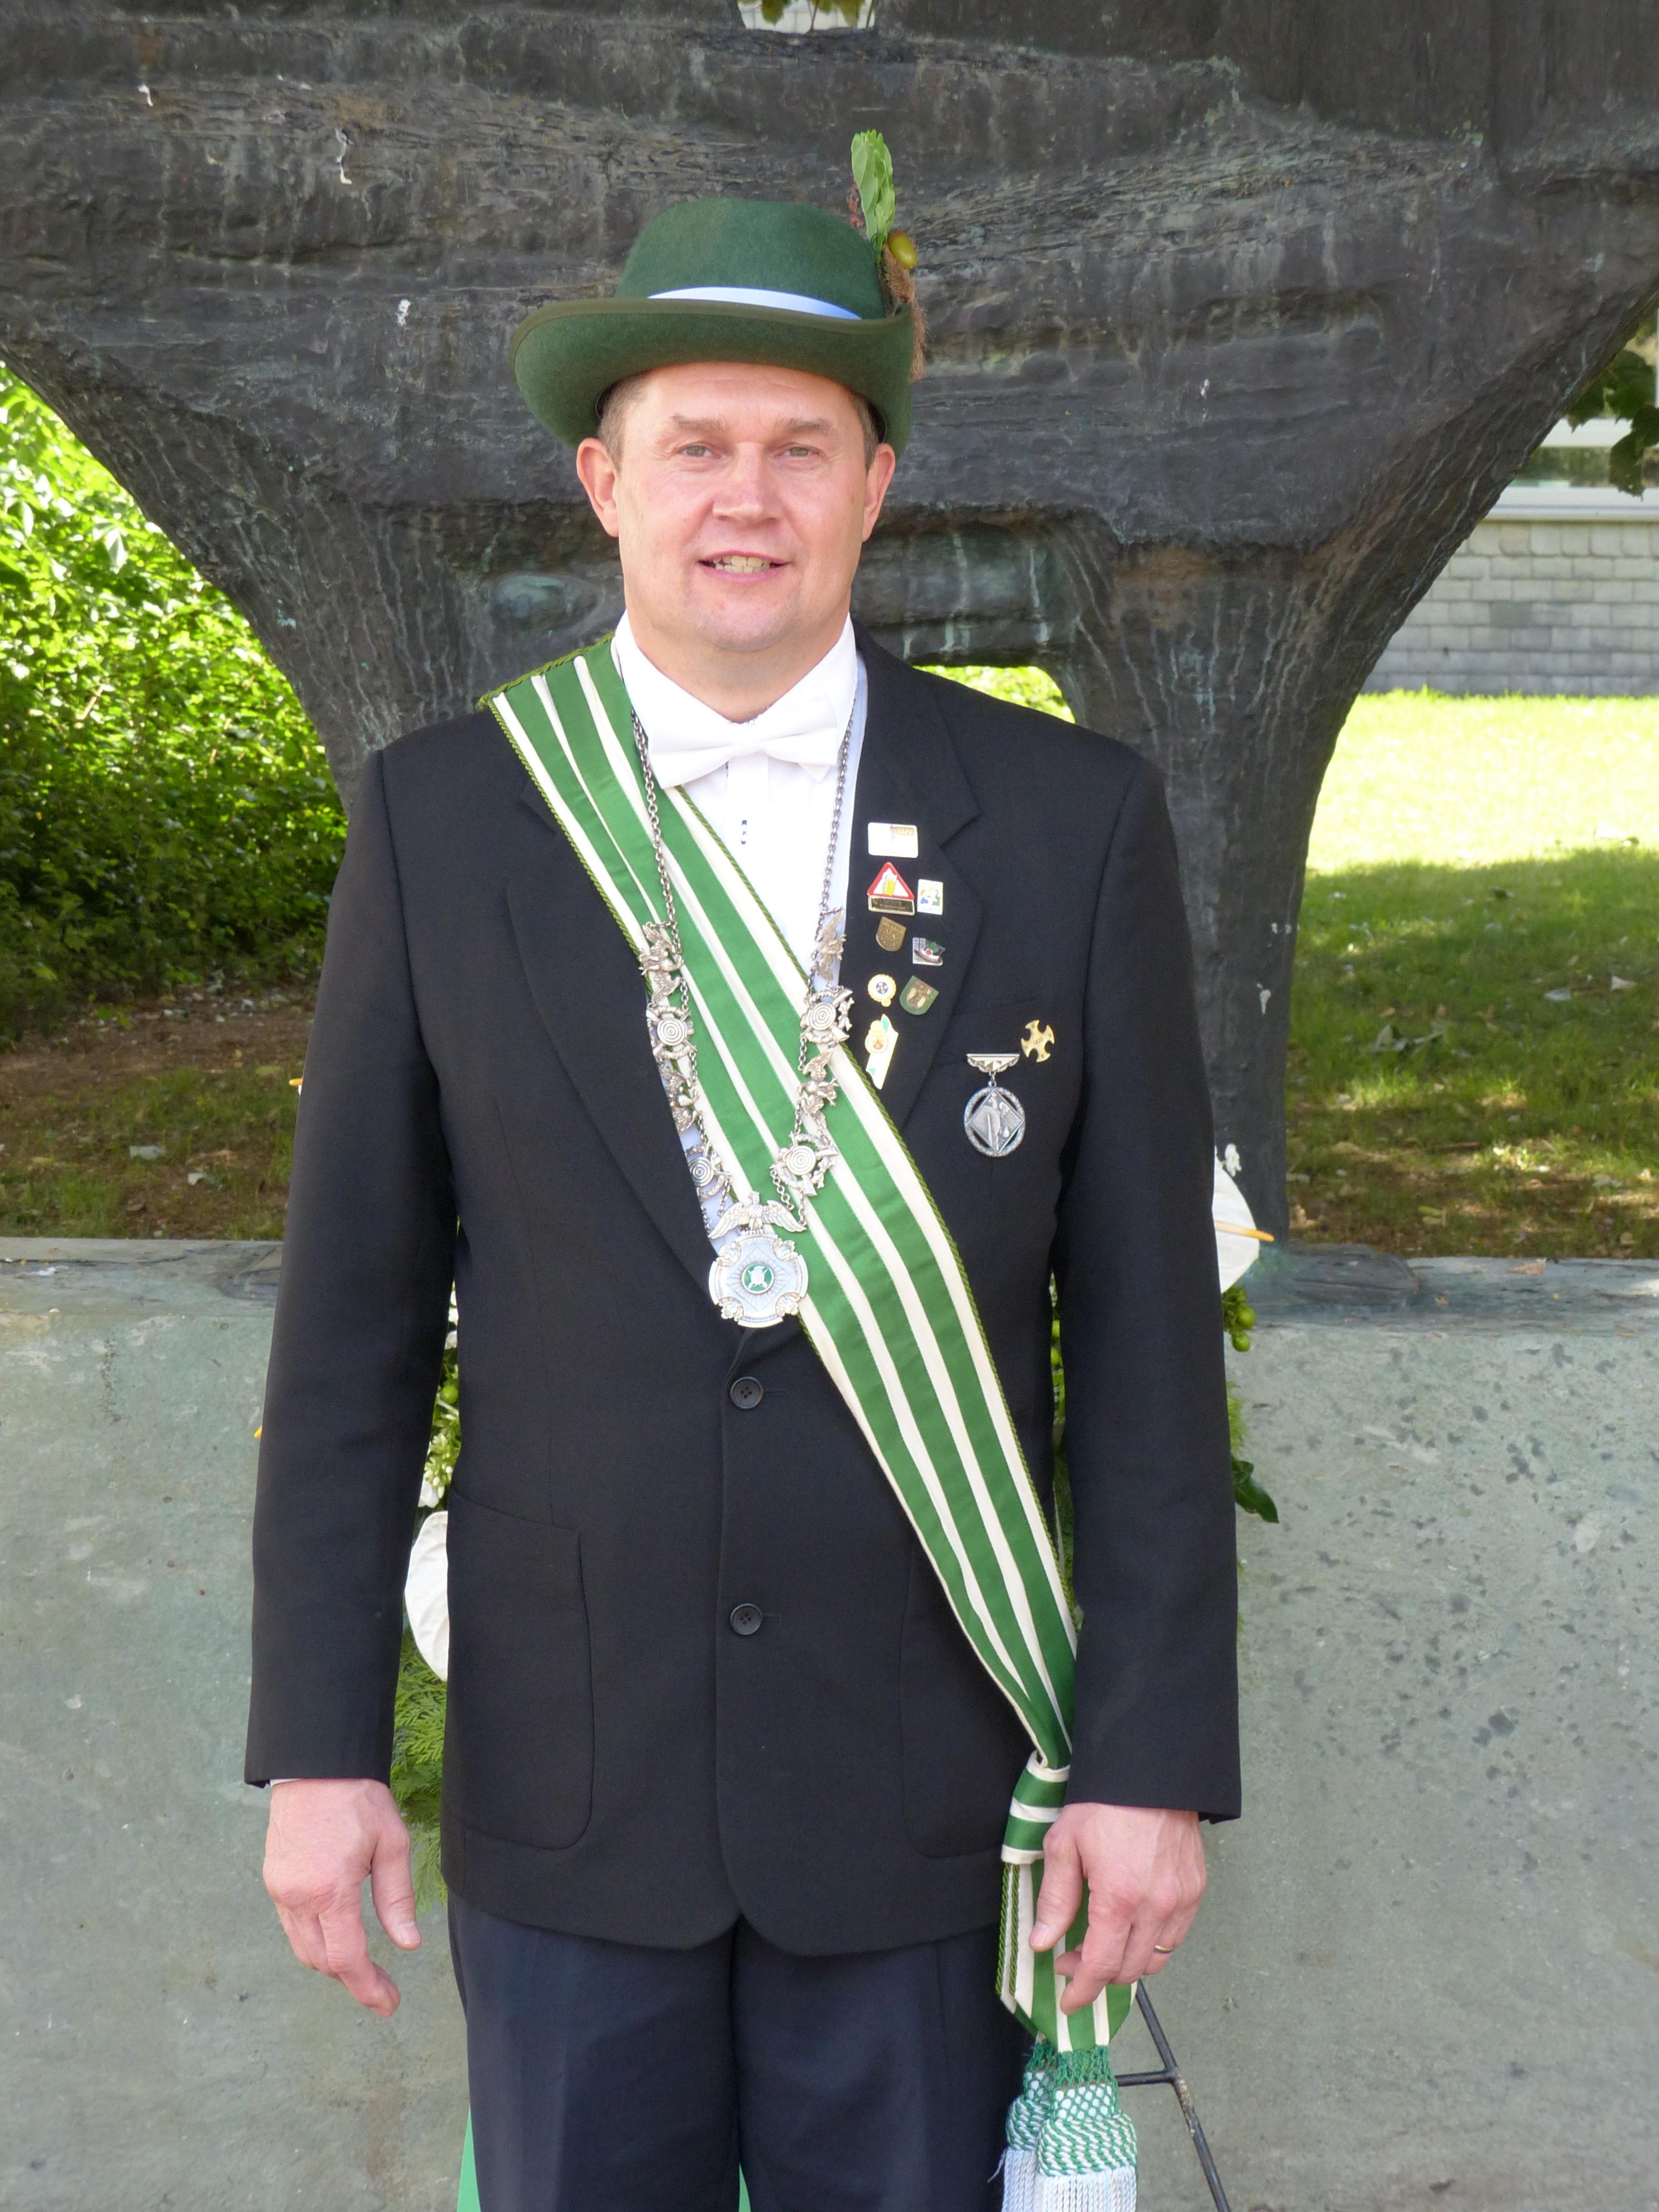 Adlerkönig Rapahel Benz